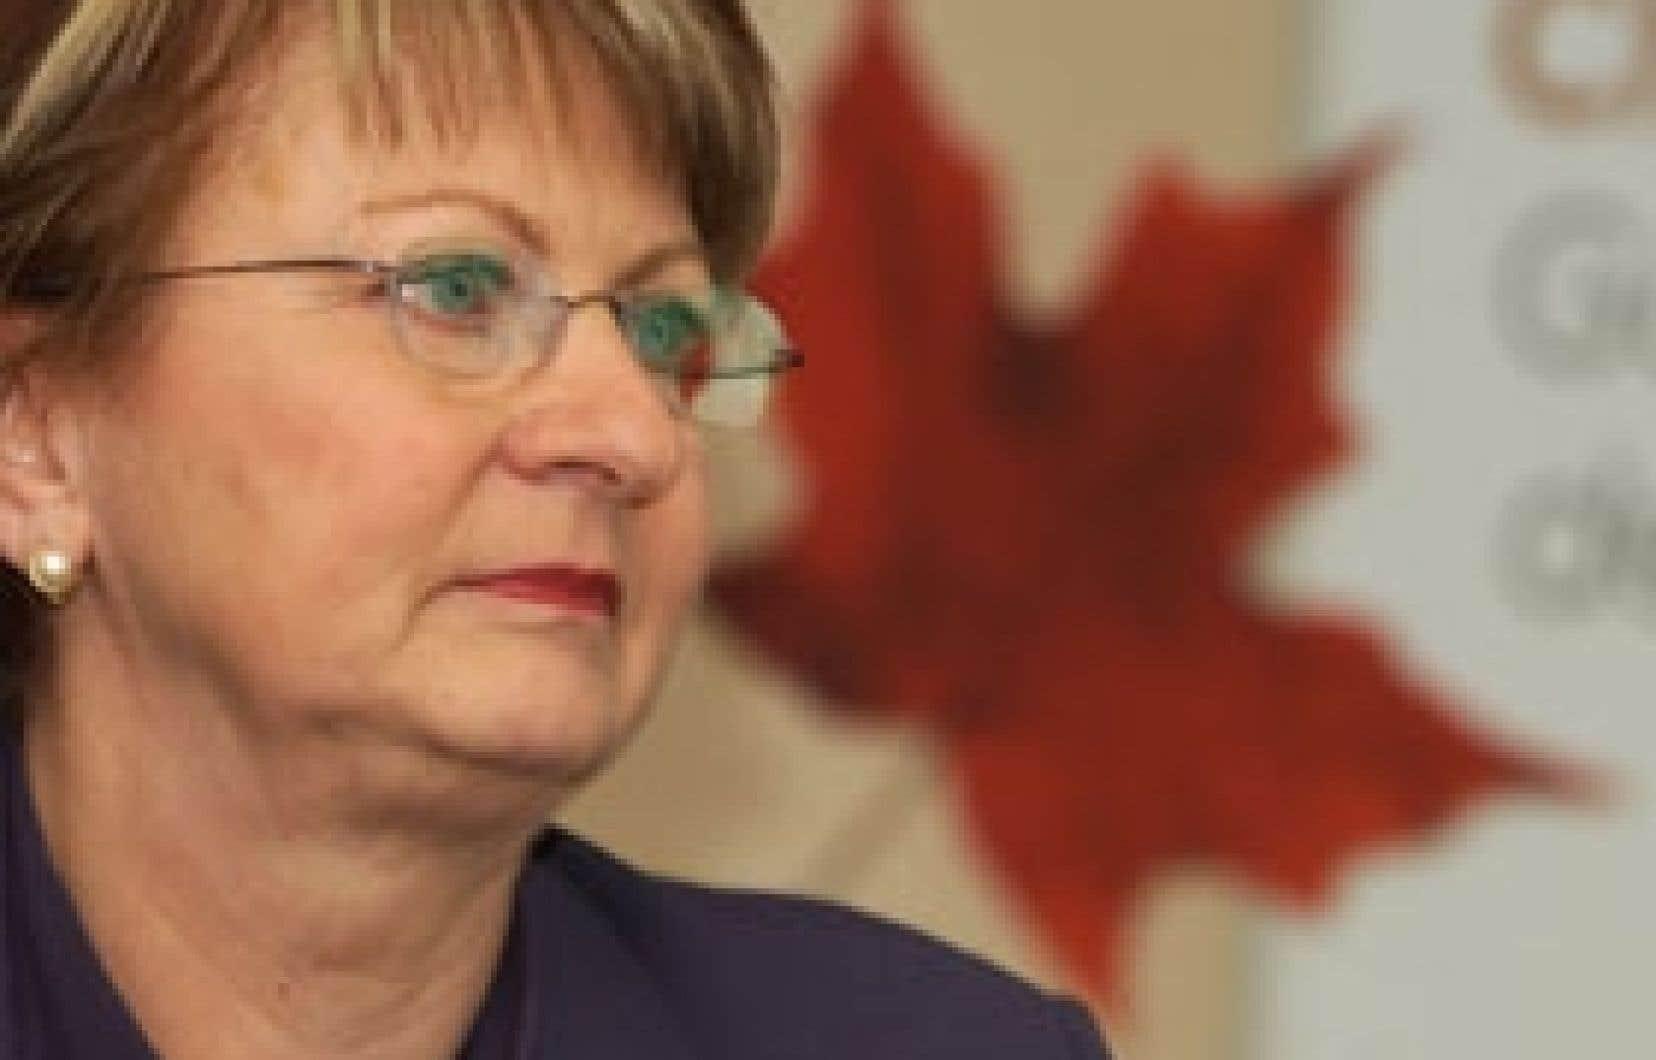 Lucienne Robillard a d'abord siégé à Québec, de 1989 à 1995, avant de se faire élire à Ottawa en 1995.